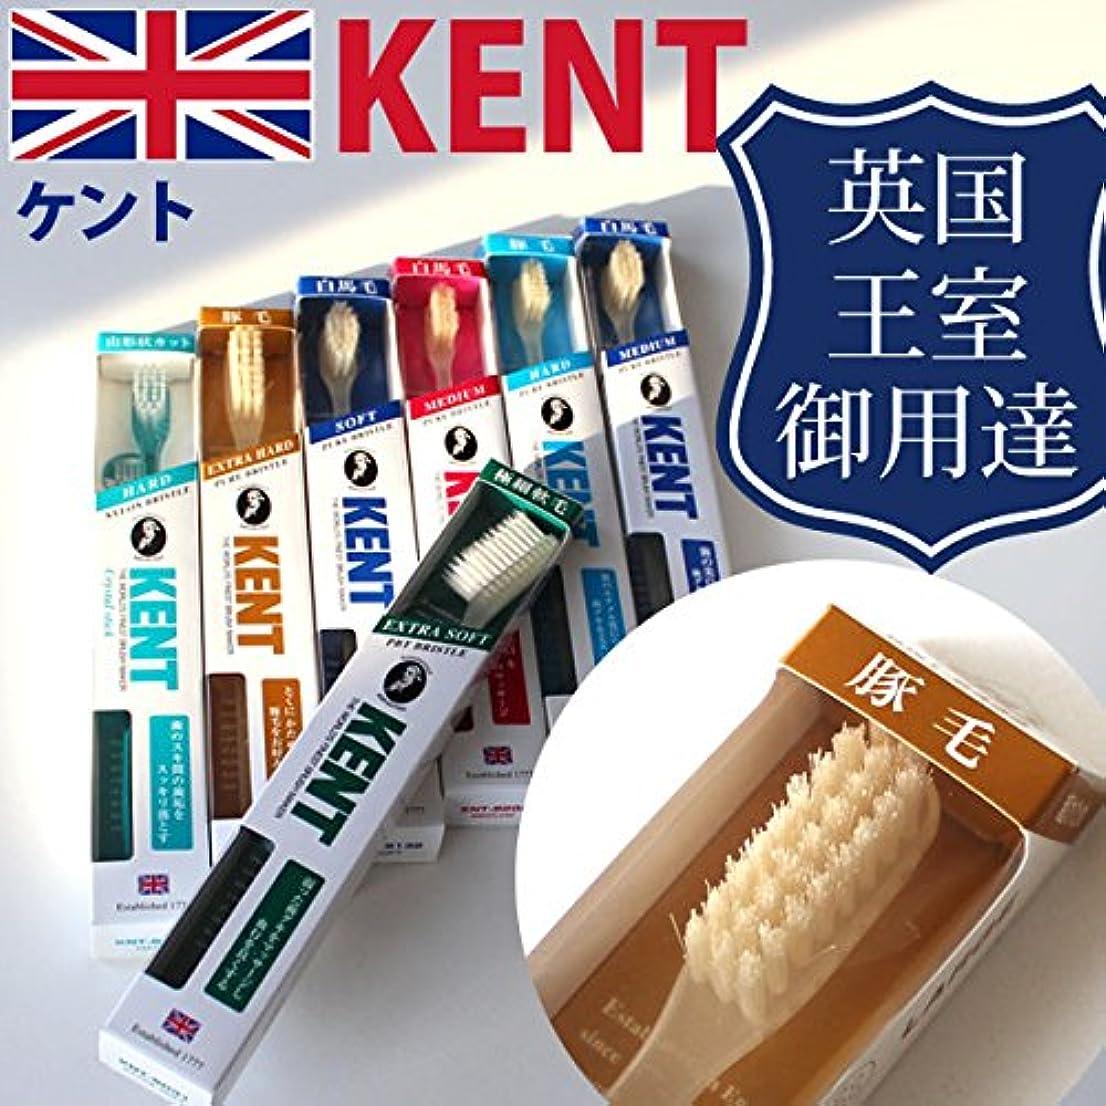 ダーベビルのテス隣接する法的ケント KENT 豚毛 コンパクト 歯ブラシKNT-9233/9833 6本入り 他の天然毛の歯ブラシに比べて細かく磨 かため